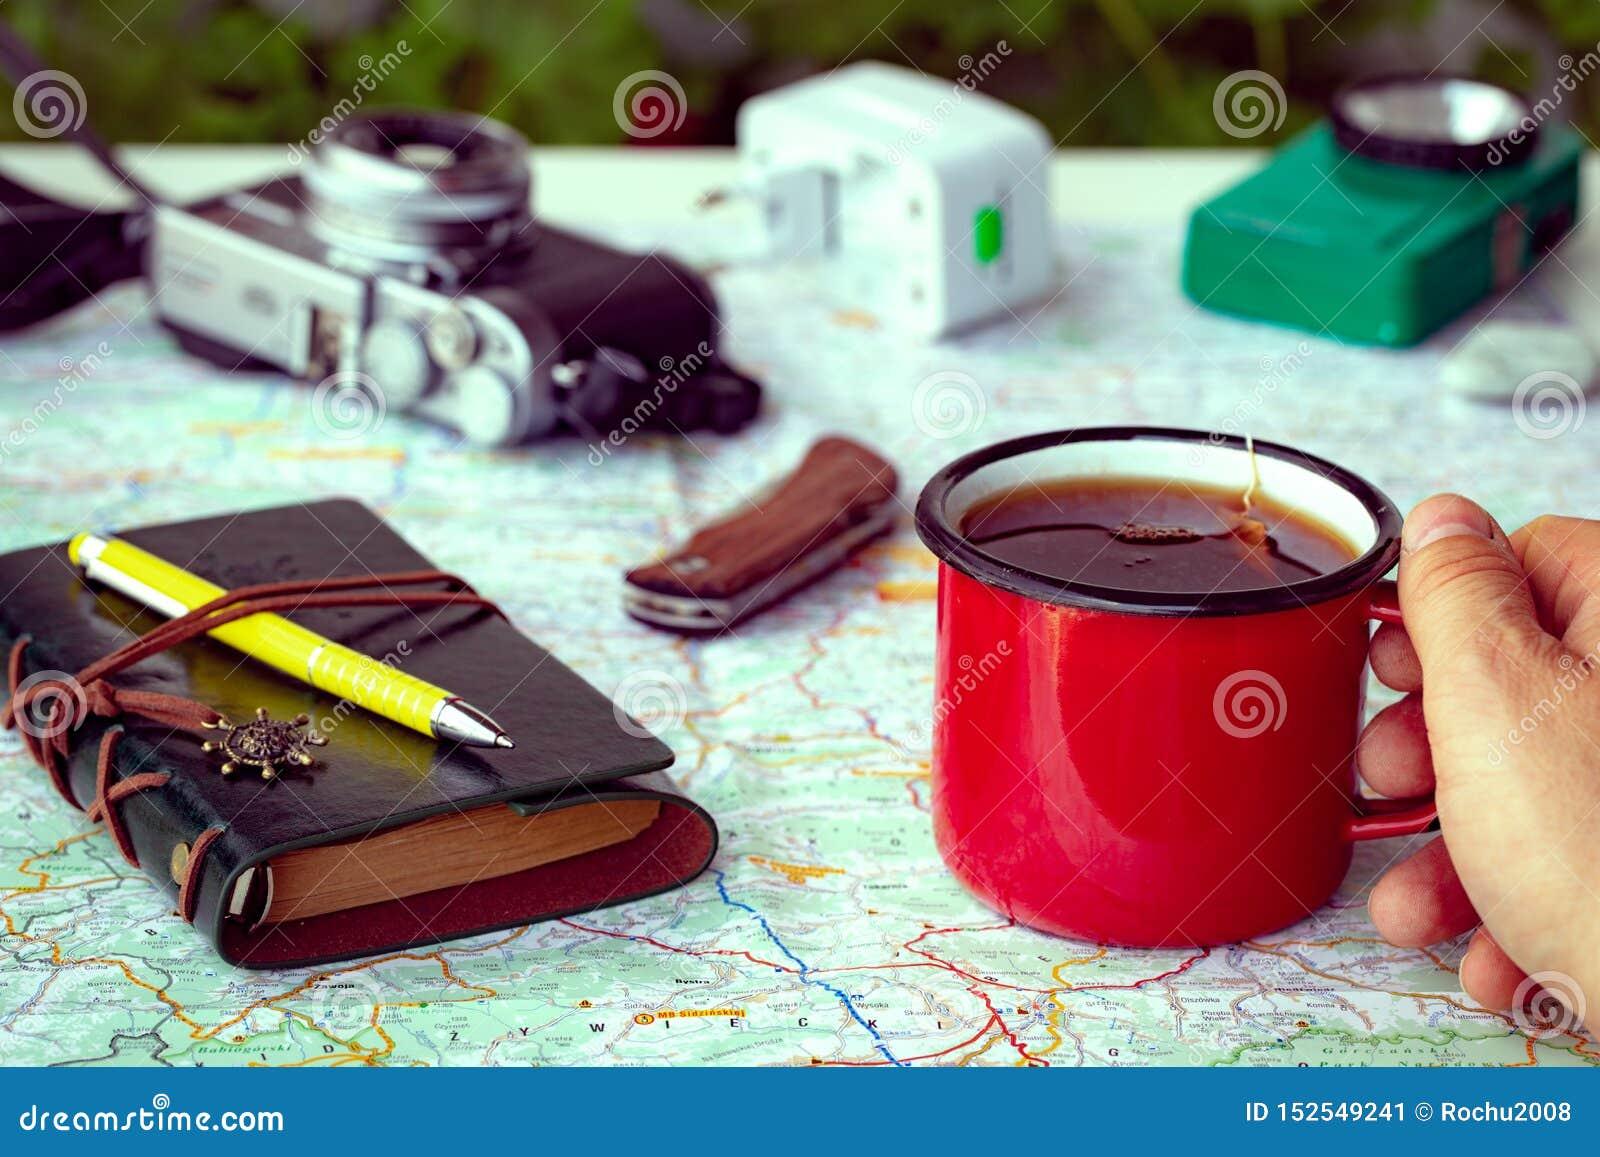 Planification d un voyage avec une carte à côté d une tasse de thé et d équipement campant